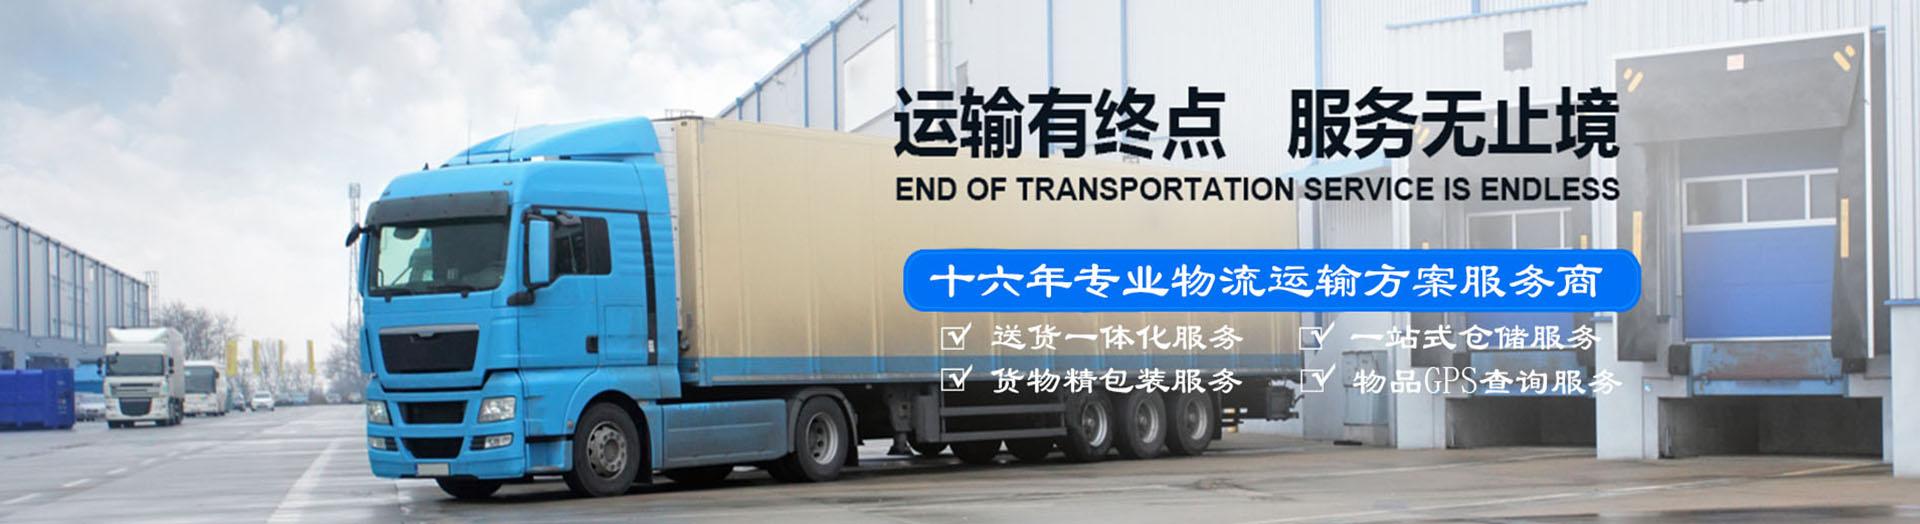 深圳物流公司-深圳货运专线